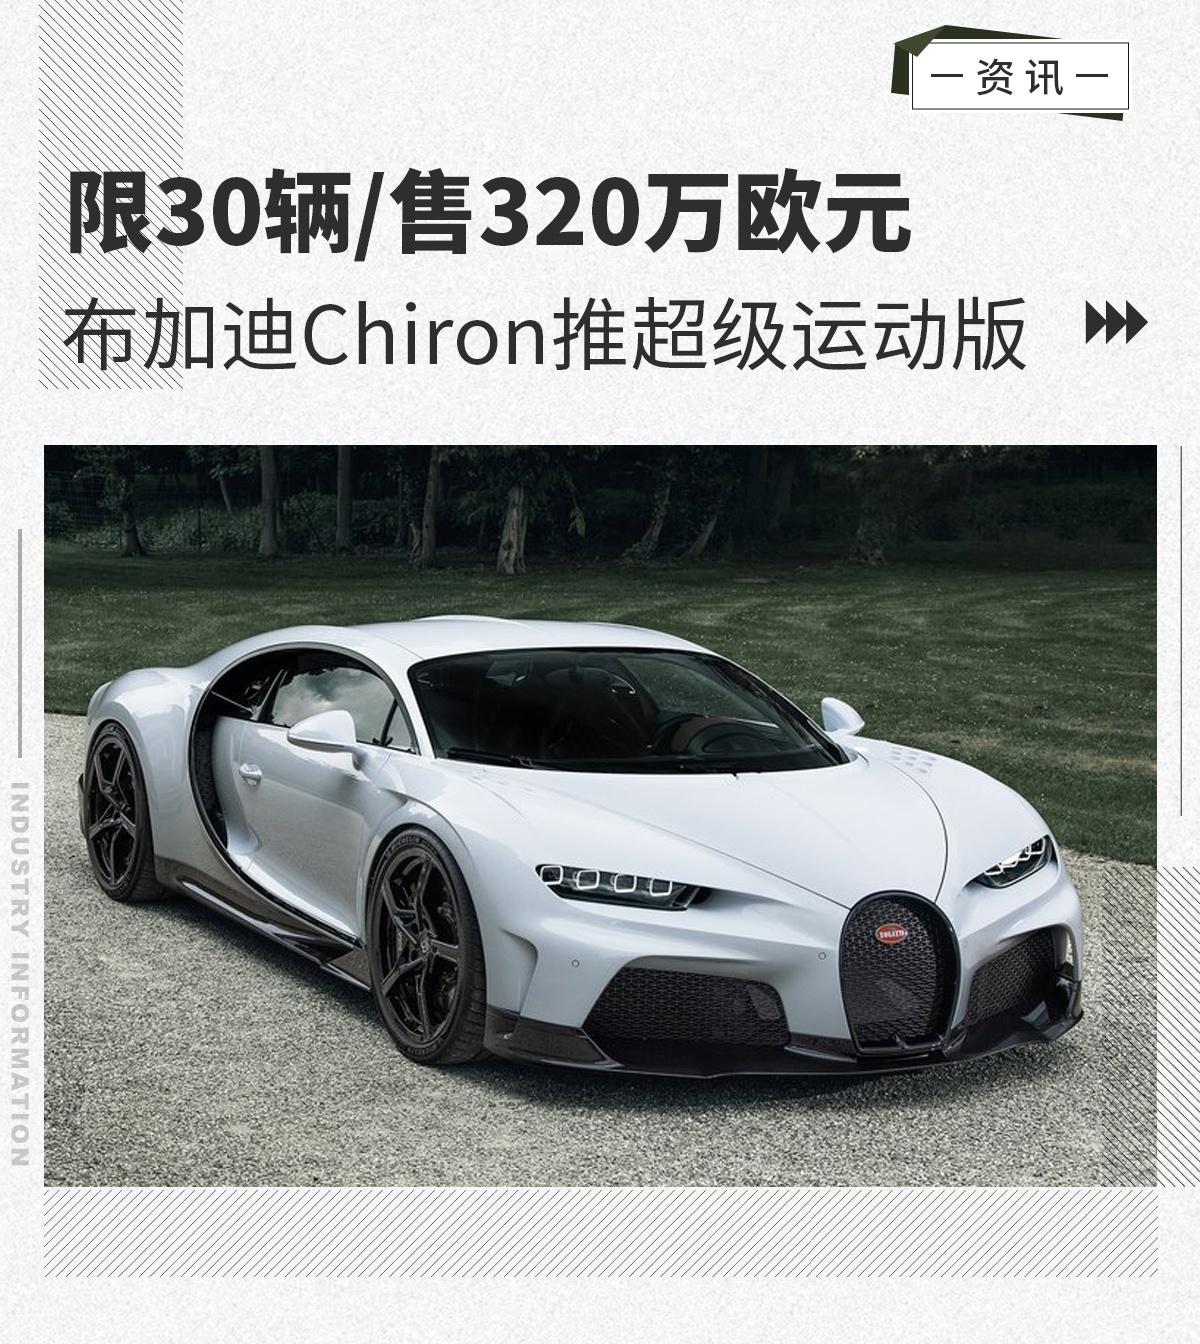 限30辆/售320万欧元 布加迪Chiron推超级运动版